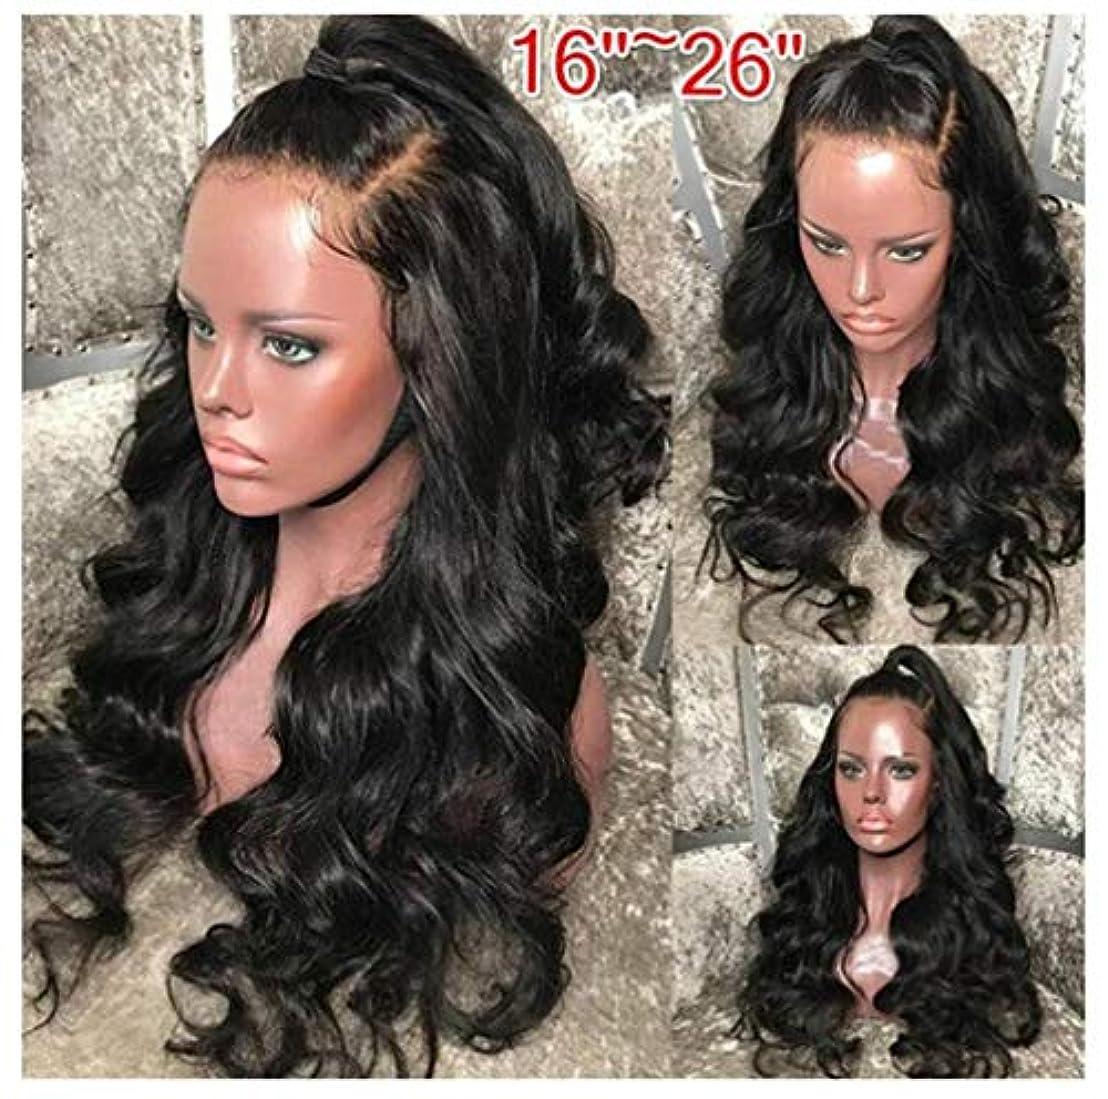 レインコート大事にするスラダム女性かつらヘアレースフロントグルーレスショートボブ人工毛ウィッグ波状わずかにベビーヘア150%密度